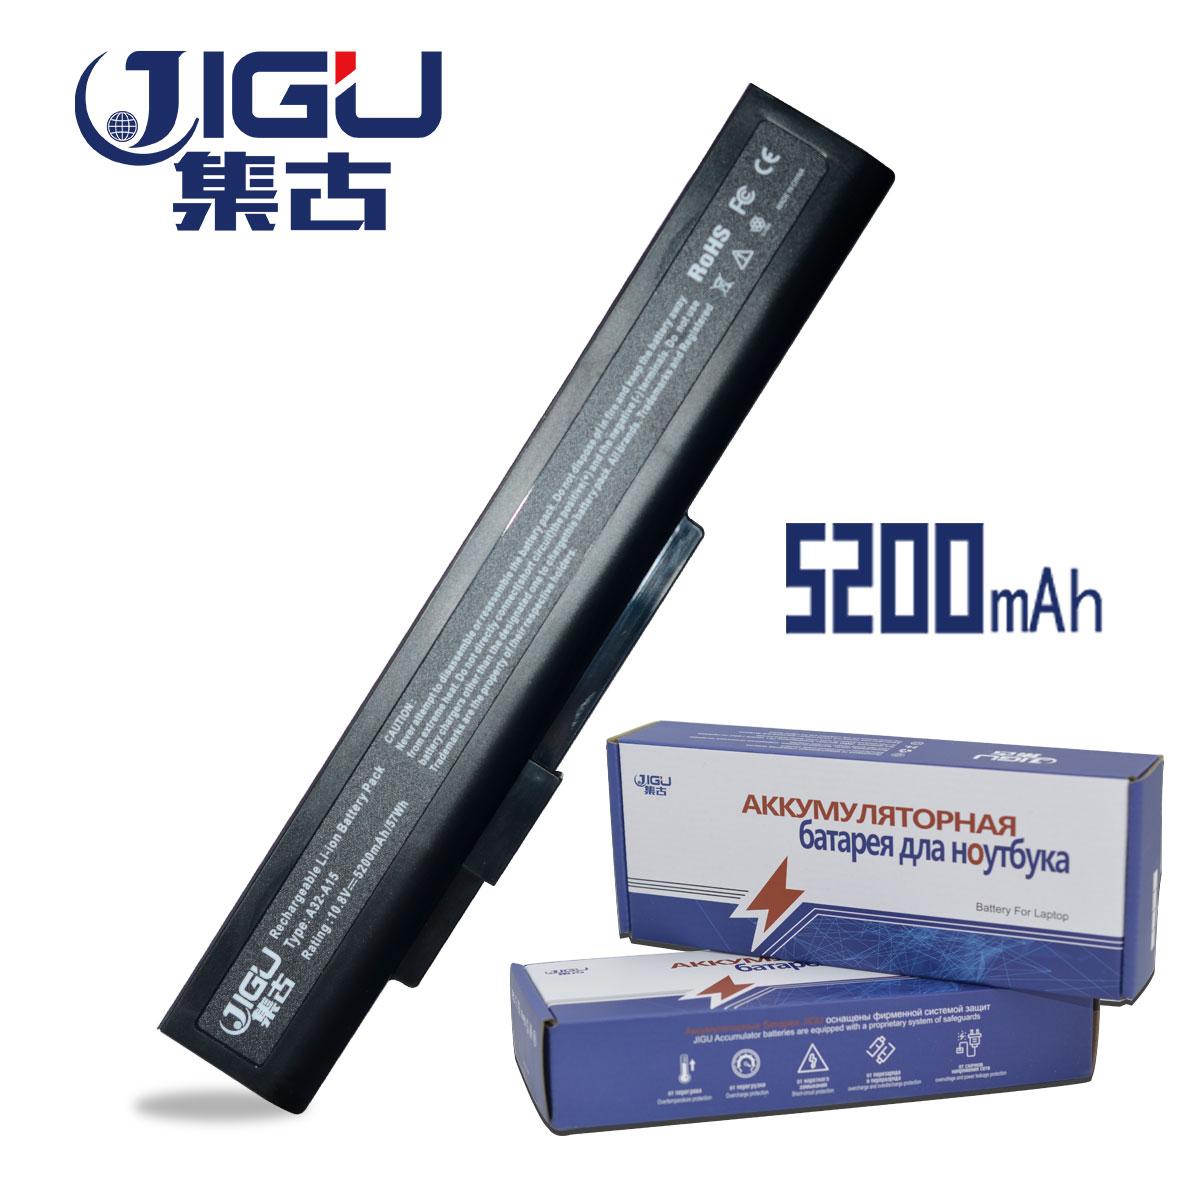 JIGU 5200MAH Laptop Battery A32-A15 A42-A15 A31-A15 FOR MSI CR640 CR640X CX640 CR640MX CR640DX For FUJITSU Lifebook N532 NH532 10 8v 5200mah laptop battery for fujitsu lifebook a530 a531 ah530 ah531 lh52 c lh520 lh530 ph521 cp477891 free shipping